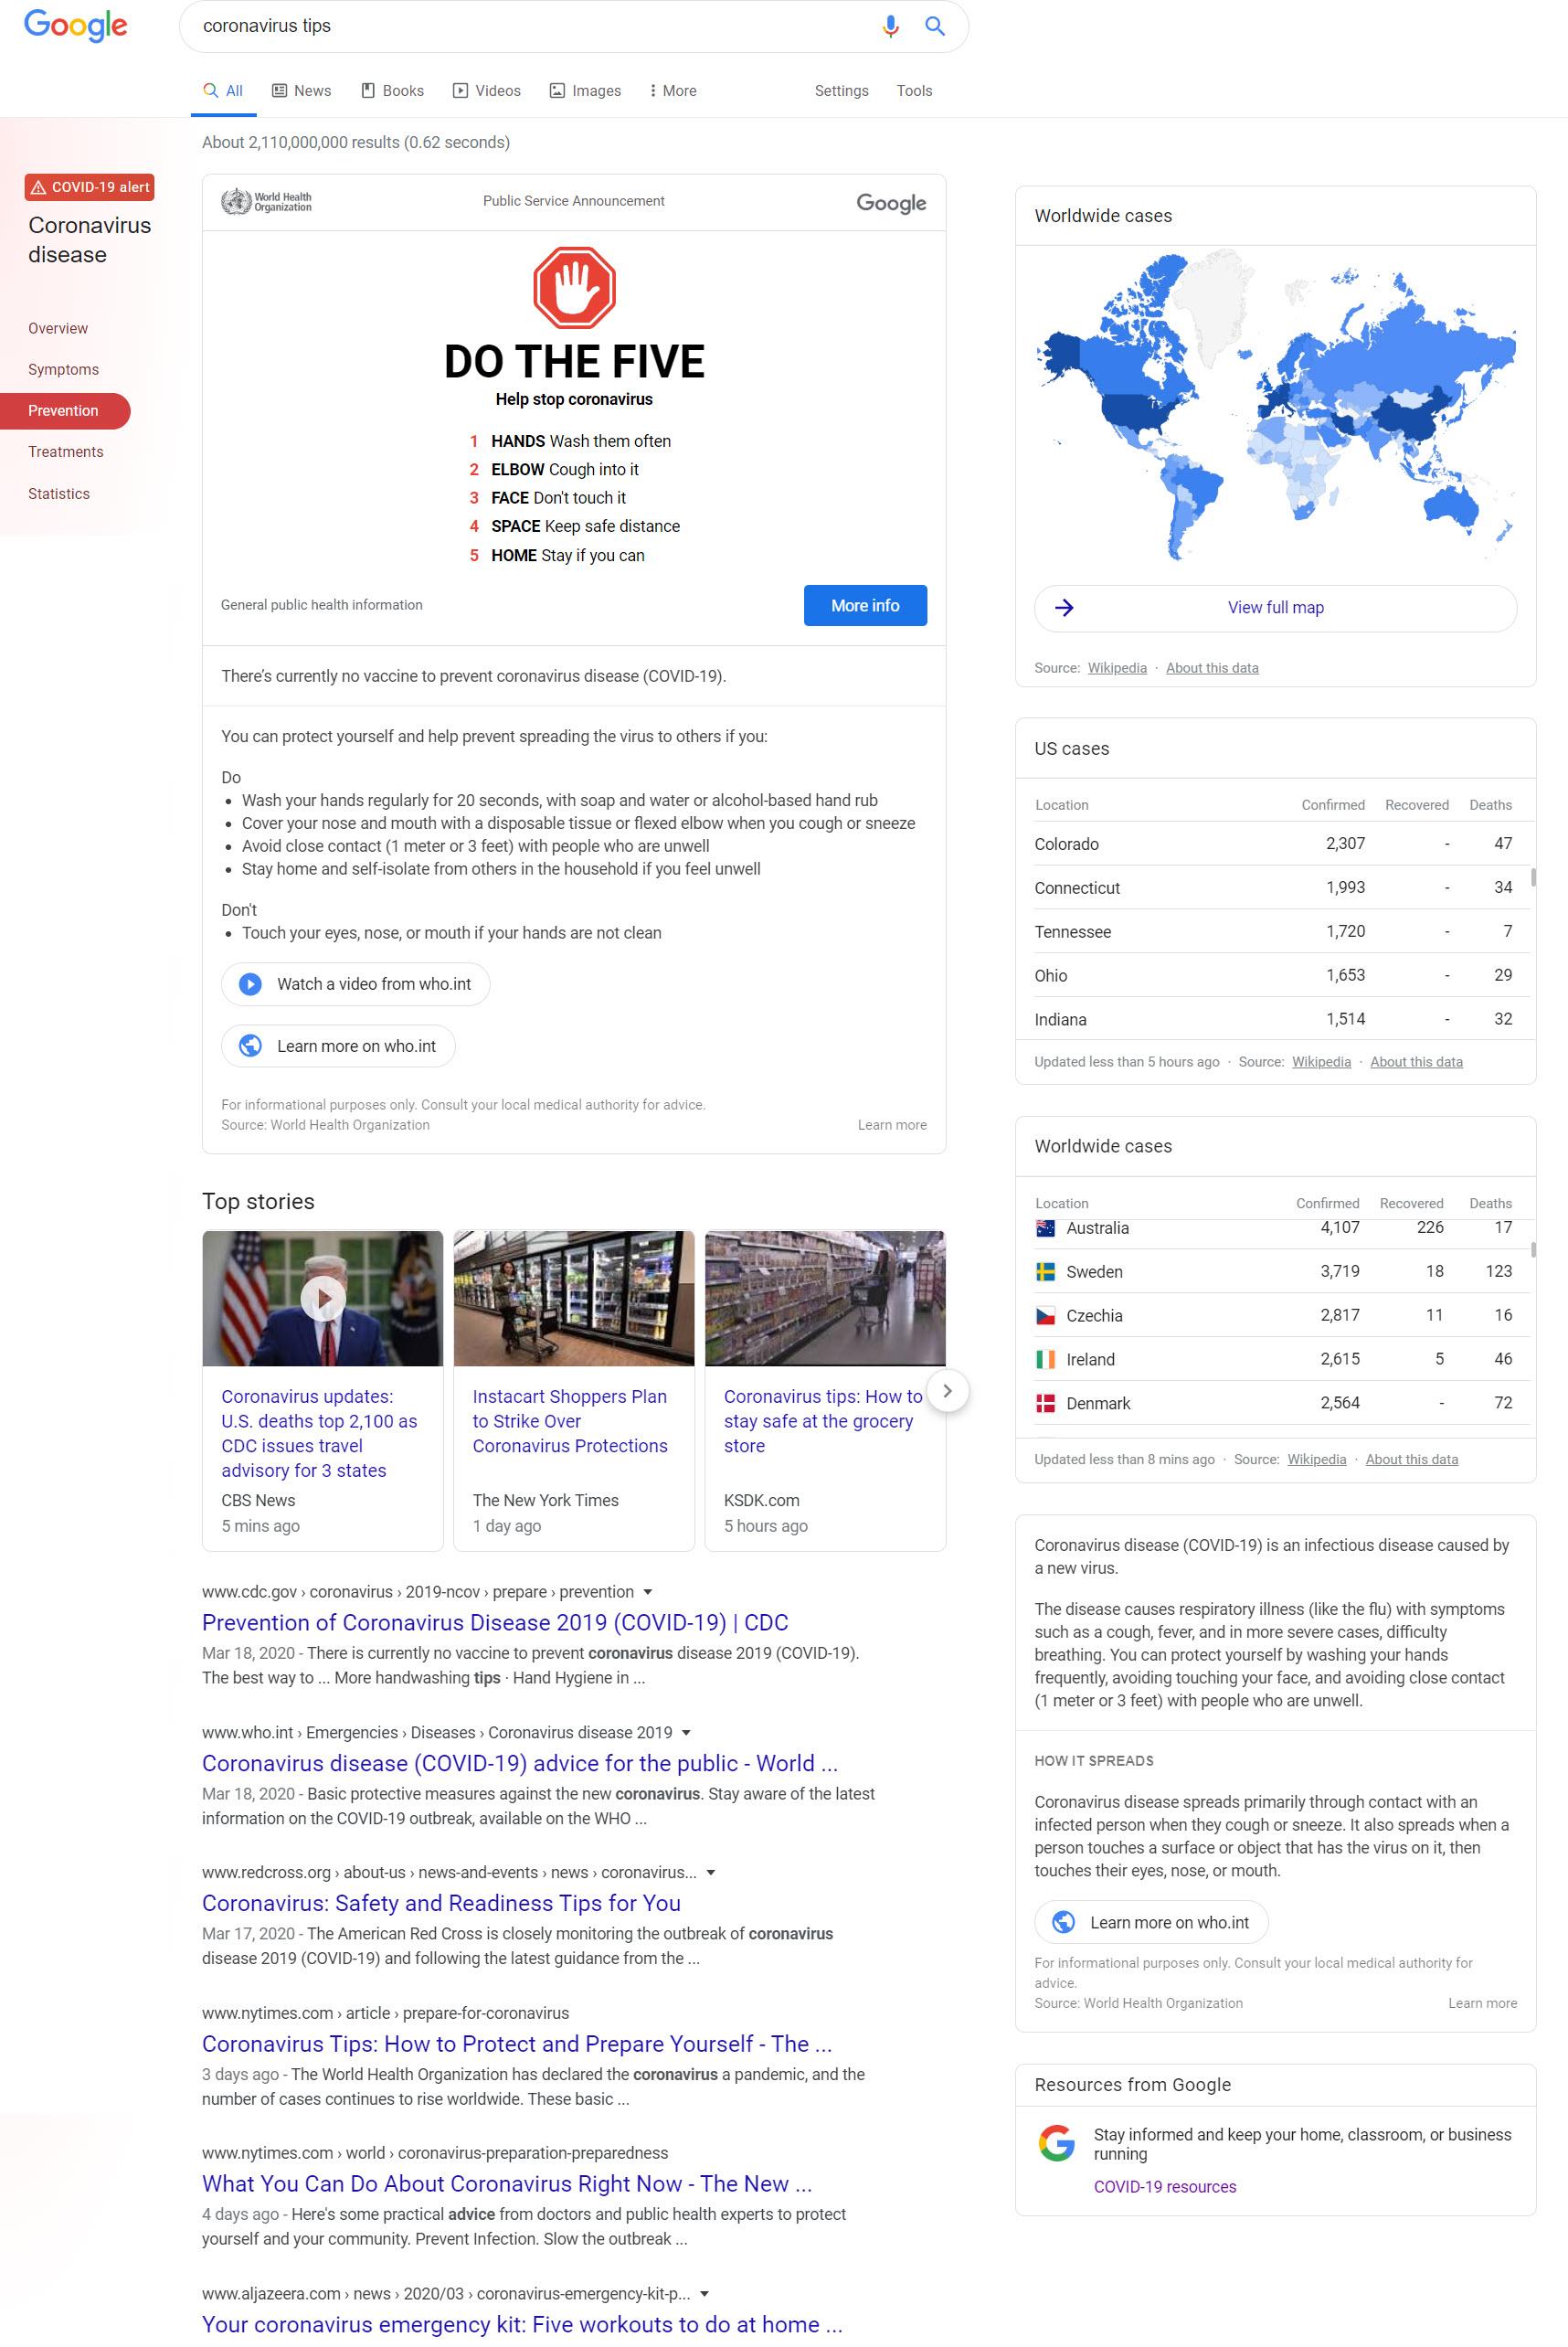 Google Coronavirus SERP